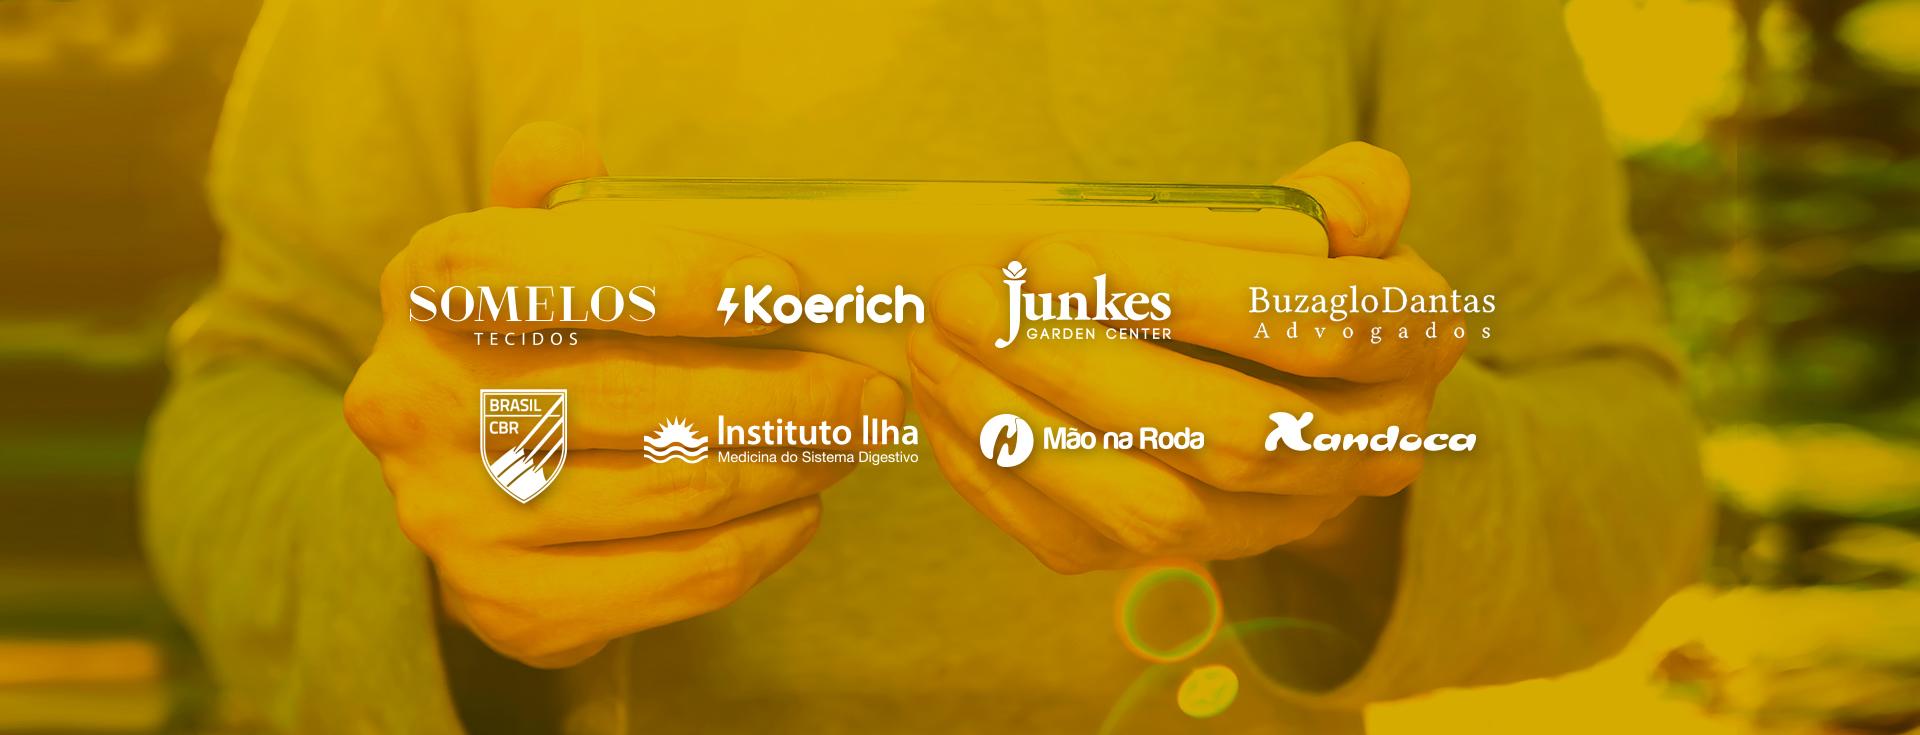 Smacky Agência Digital Florianópolis Cases de Clientes Website App Papelaria & Branding